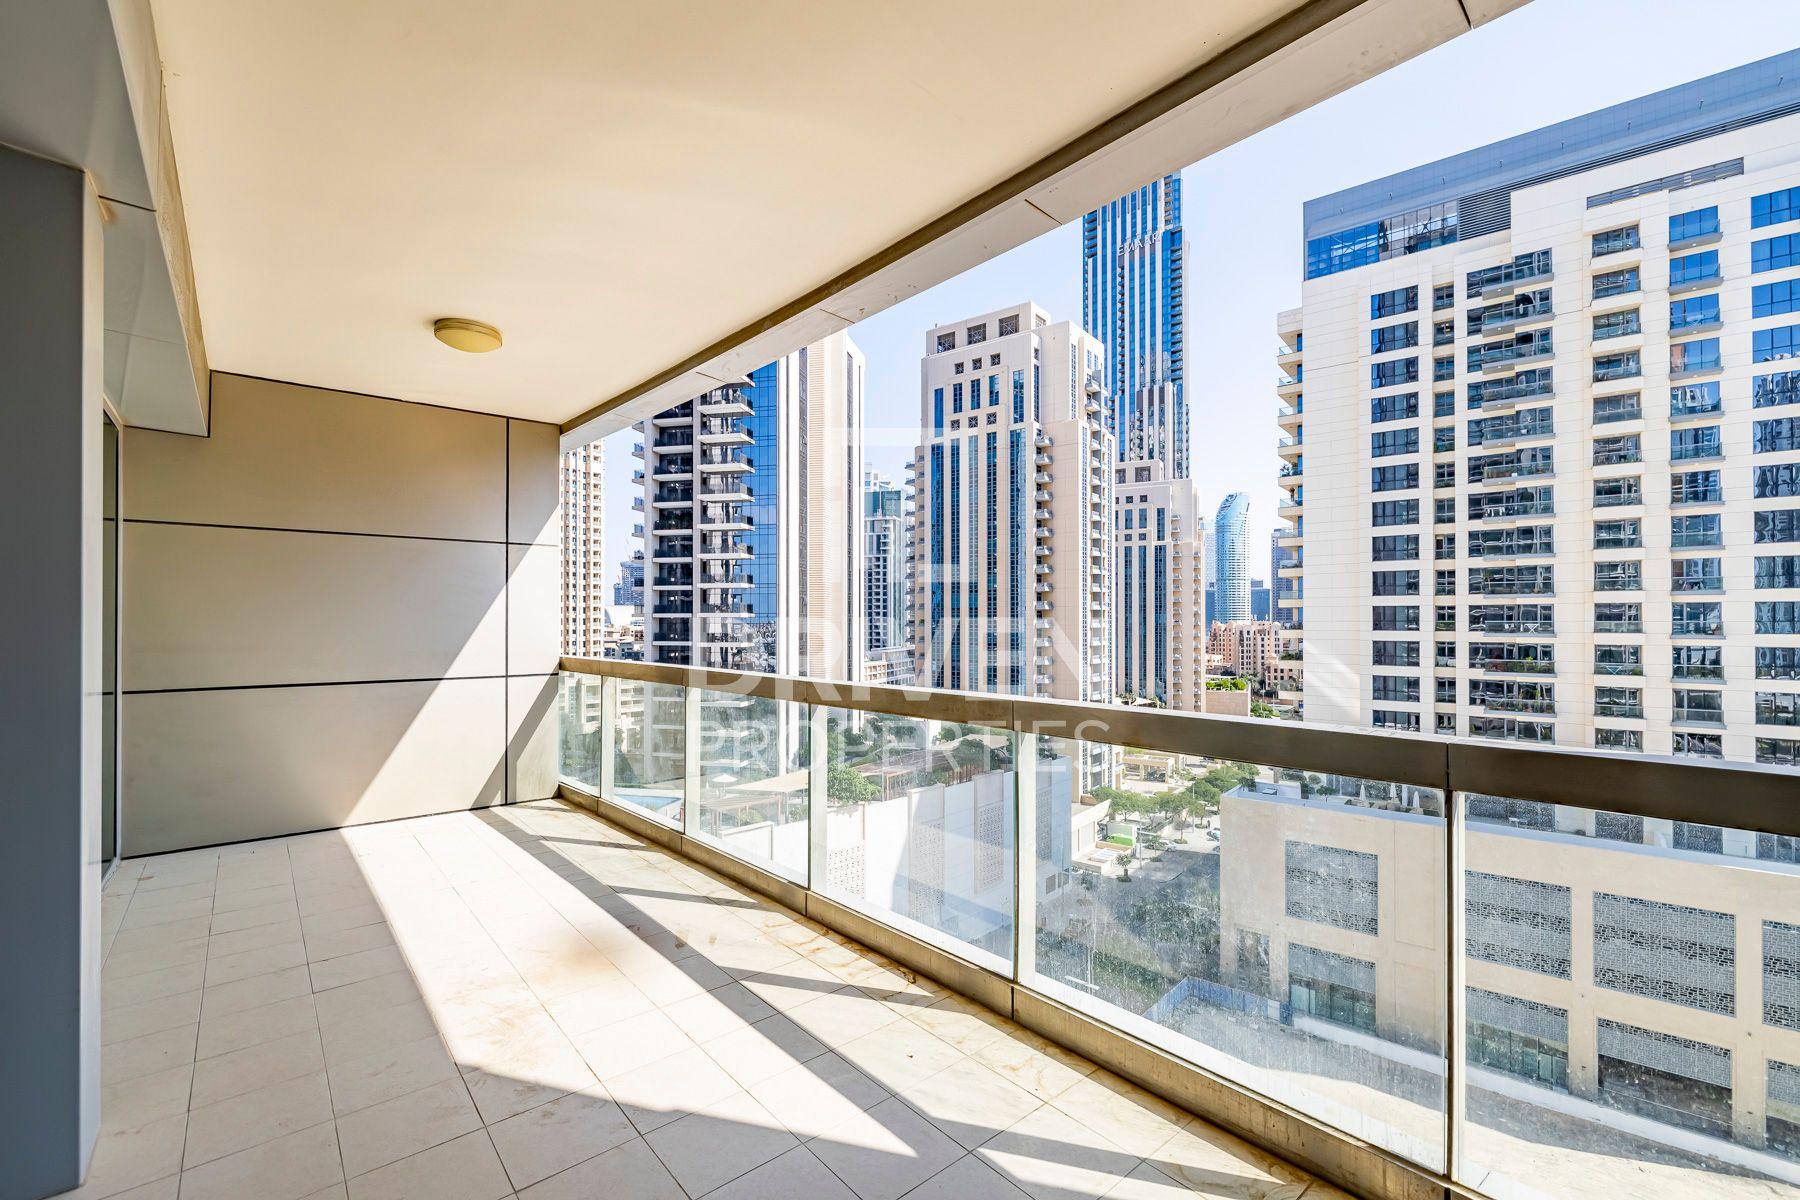 للبيع - شقة - 8 بوليفارد ووك - دبي وسط المدينة